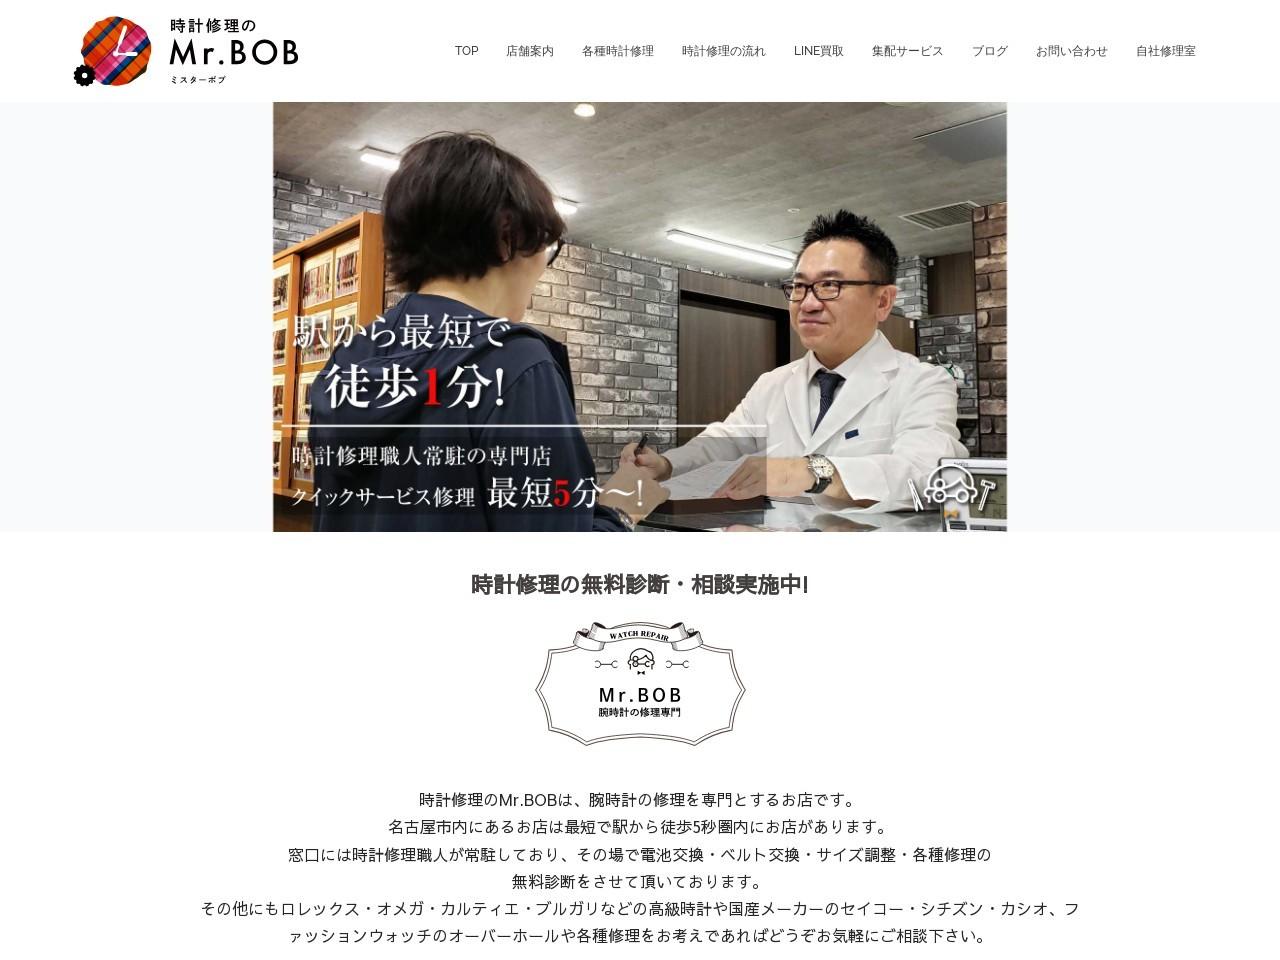 時計修理のMr.BOB | 駅から徒歩1分の時計修理専門店